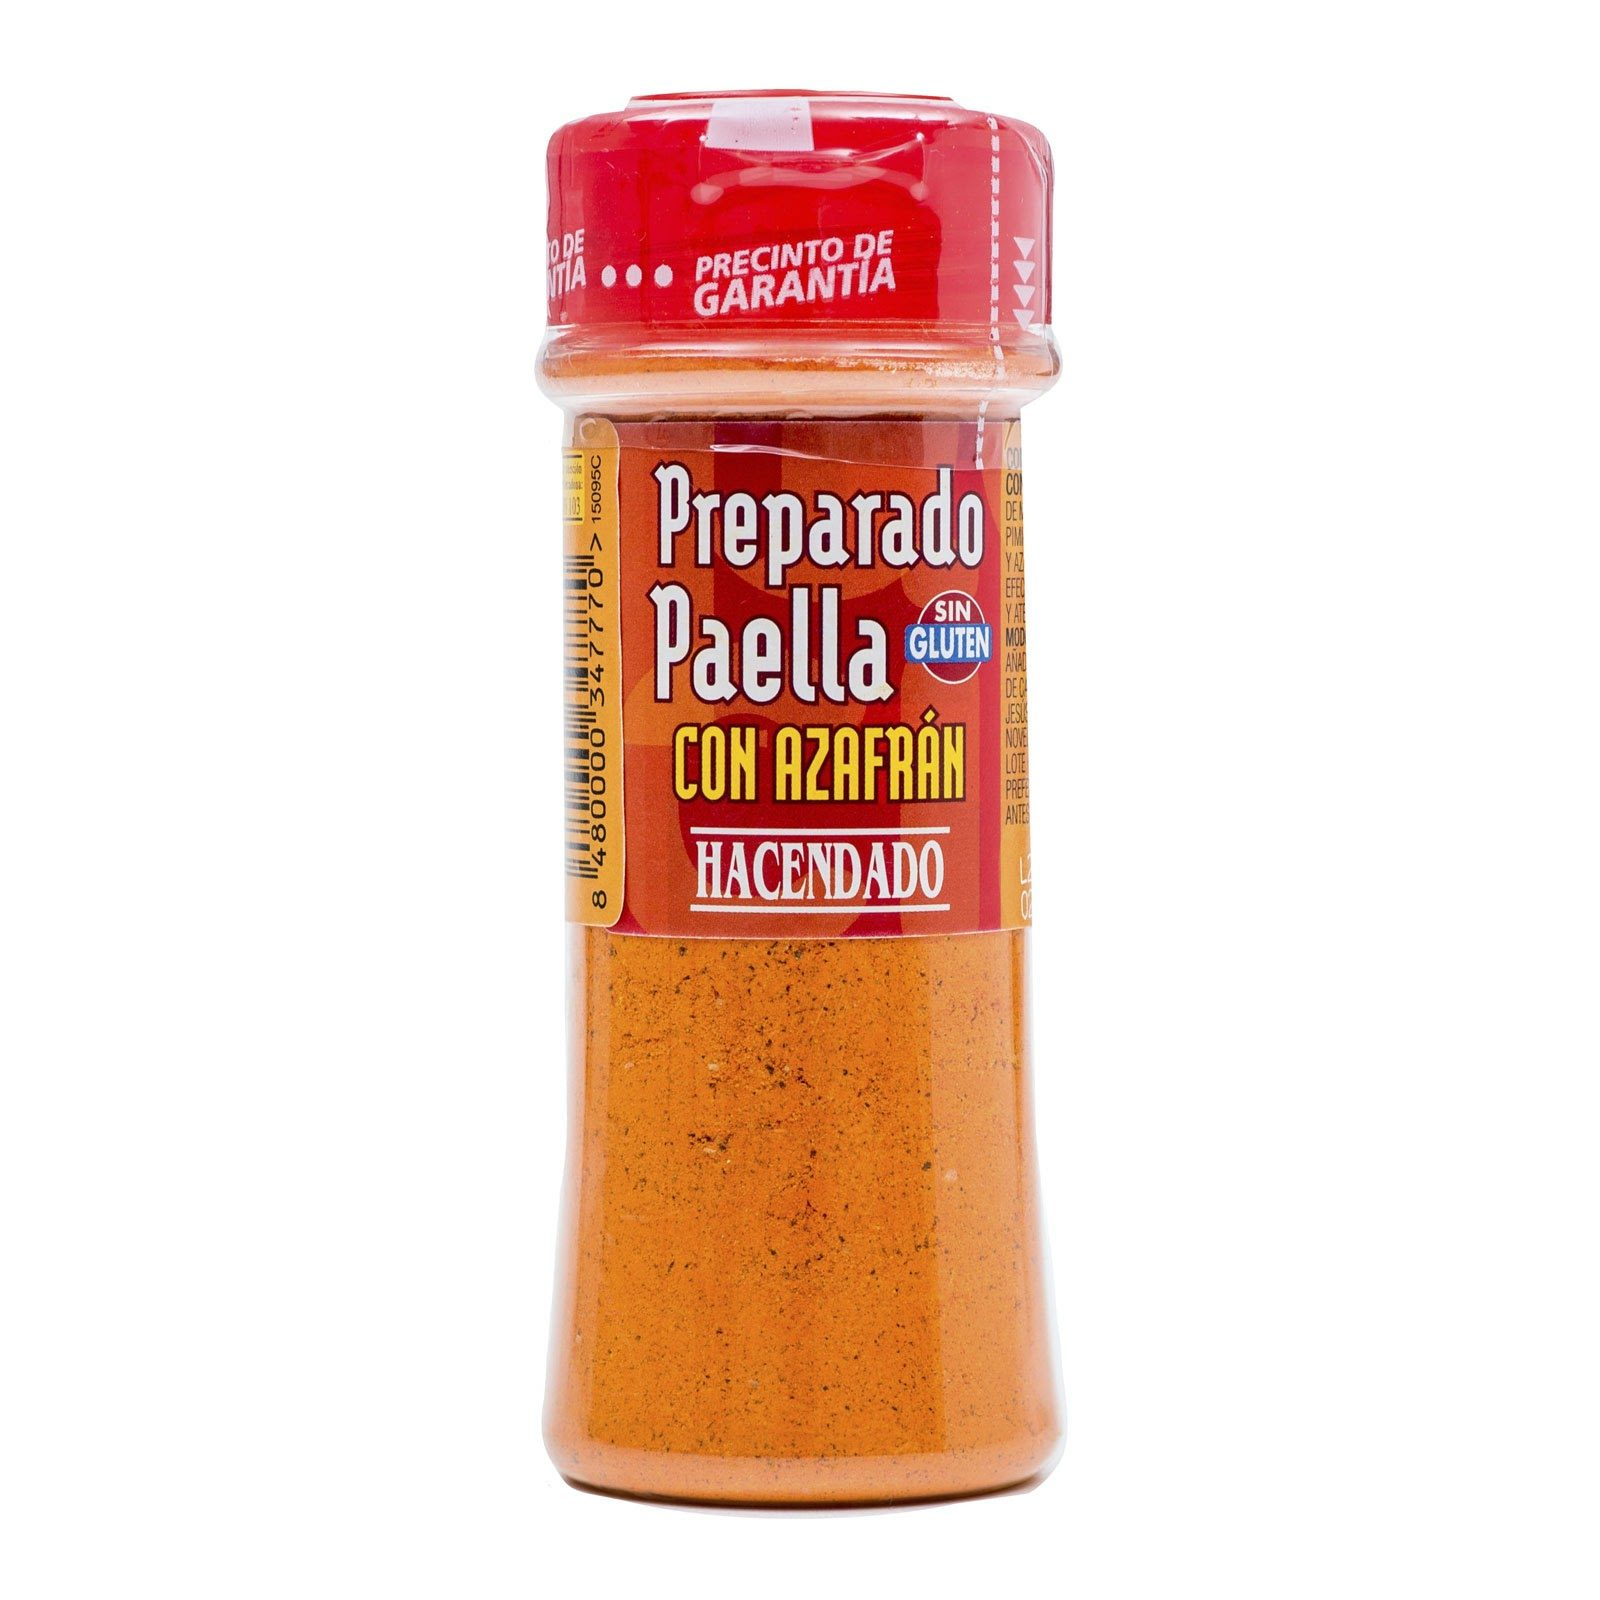 preparado-para-paella-con-azafran-hacendado-mercadona-1-3307261